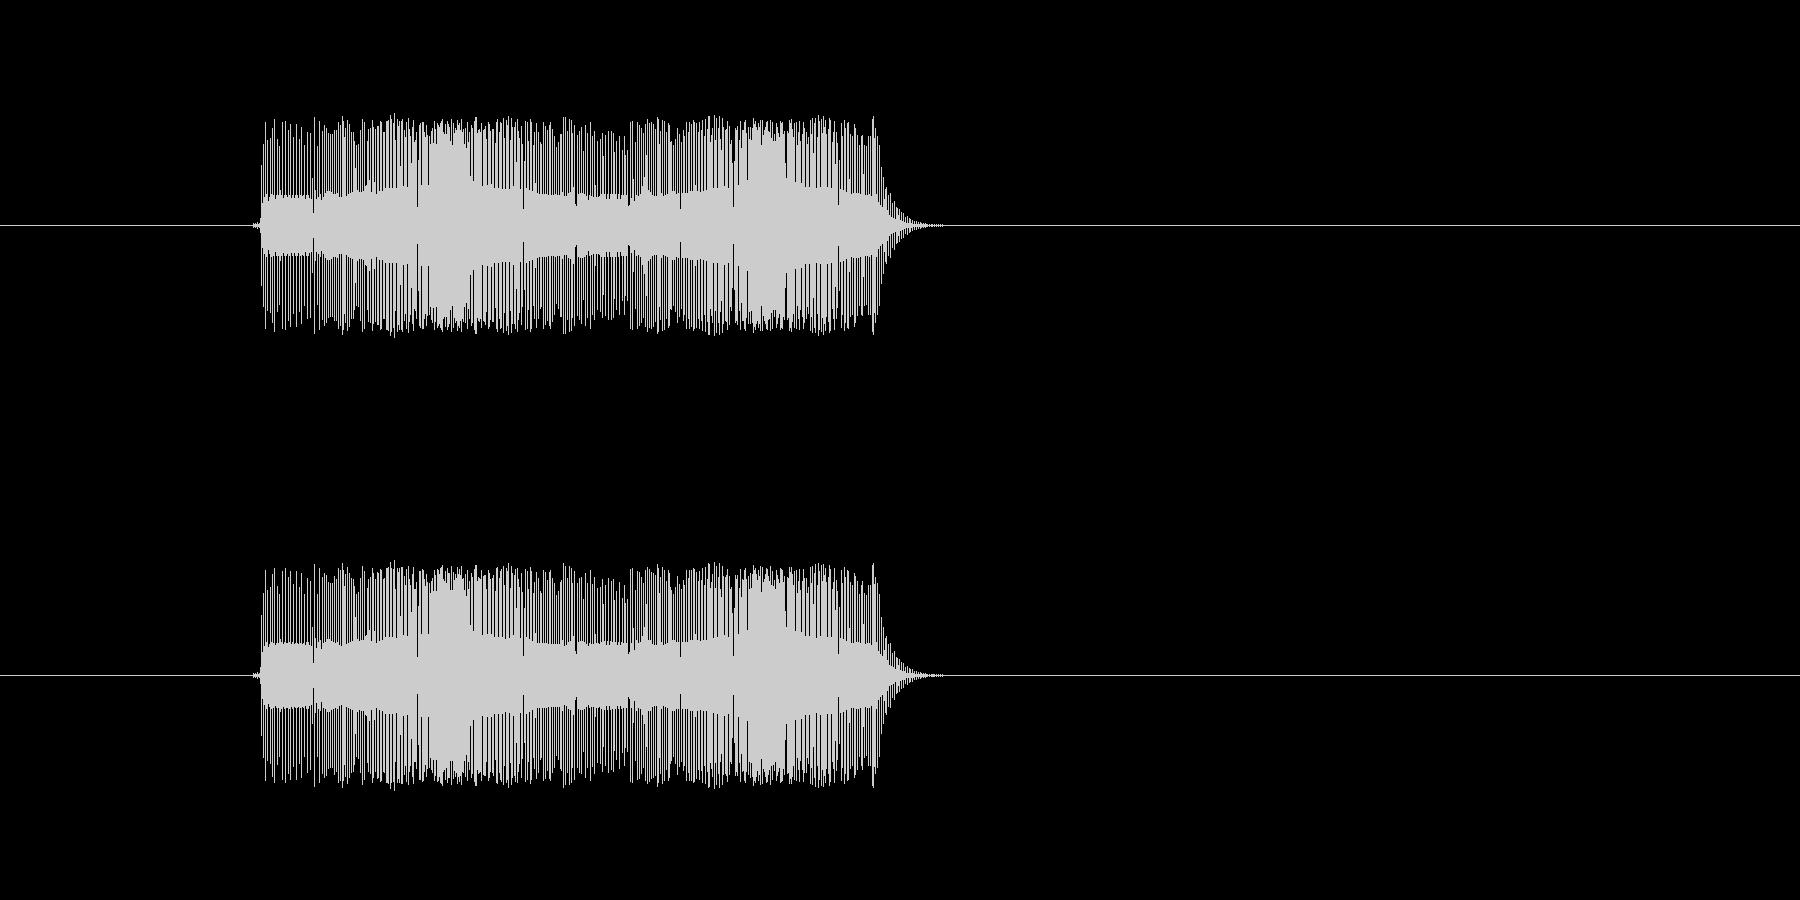 ファンファンファ(宇宙、ファンタジー)の未再生の波形